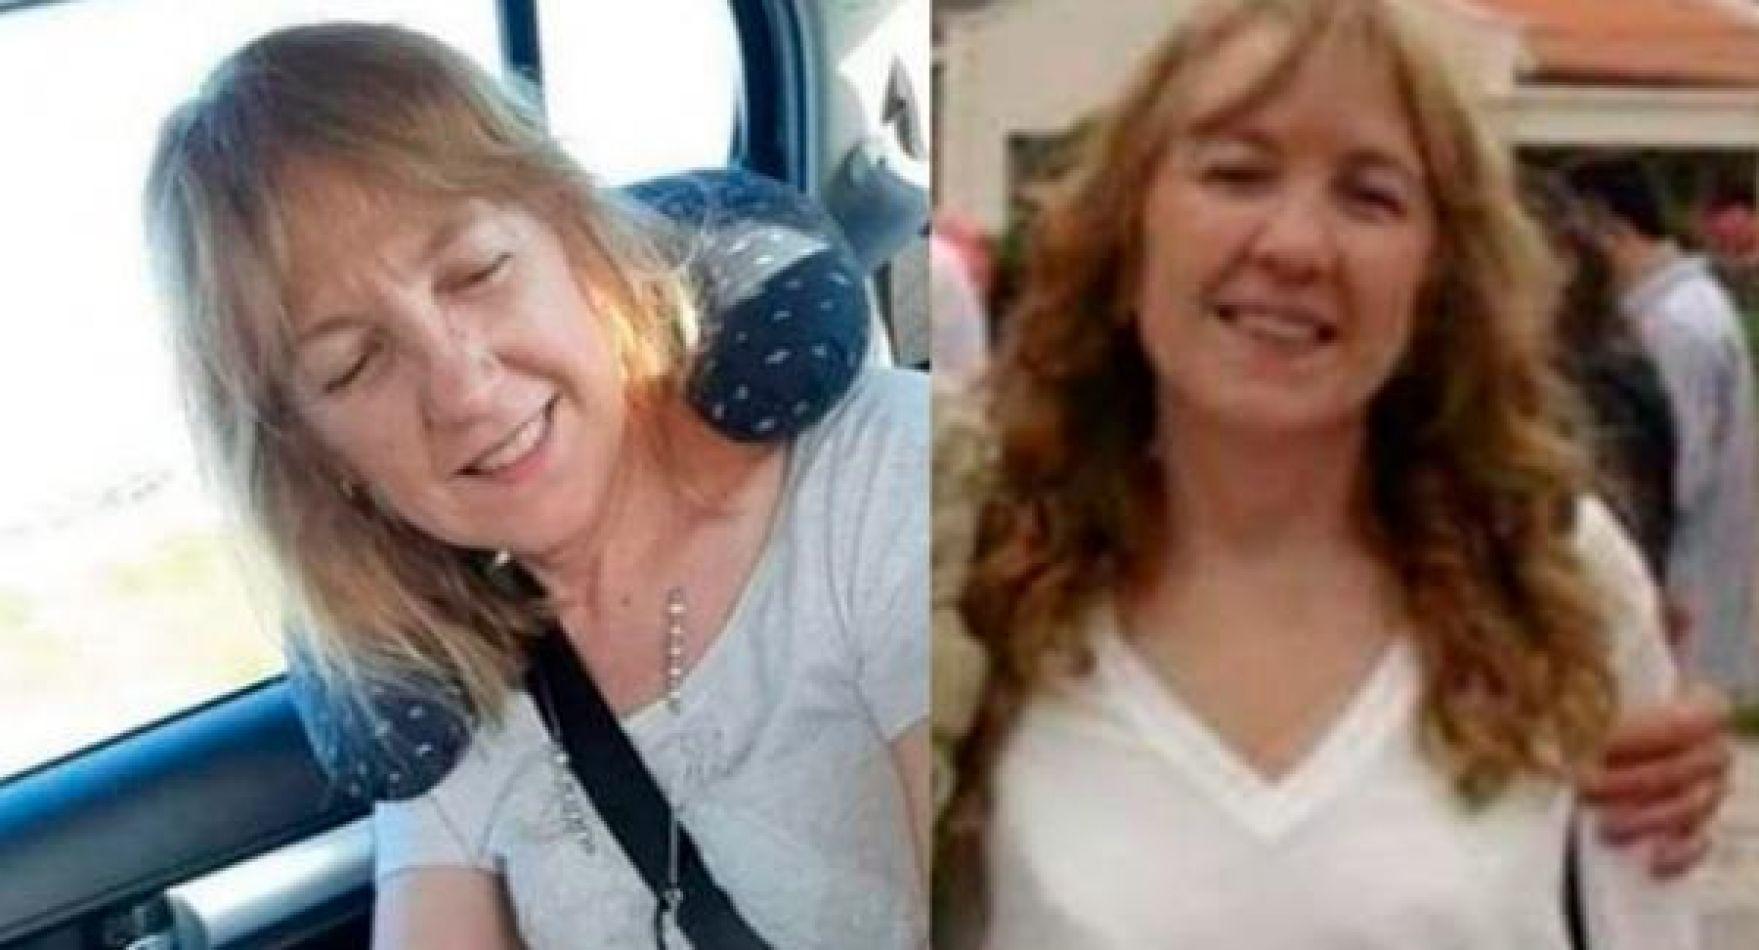 ¿Por qué la mató?: después del brutal crimen de la docente salteña, el menor asesino se fue a festejar con amigos